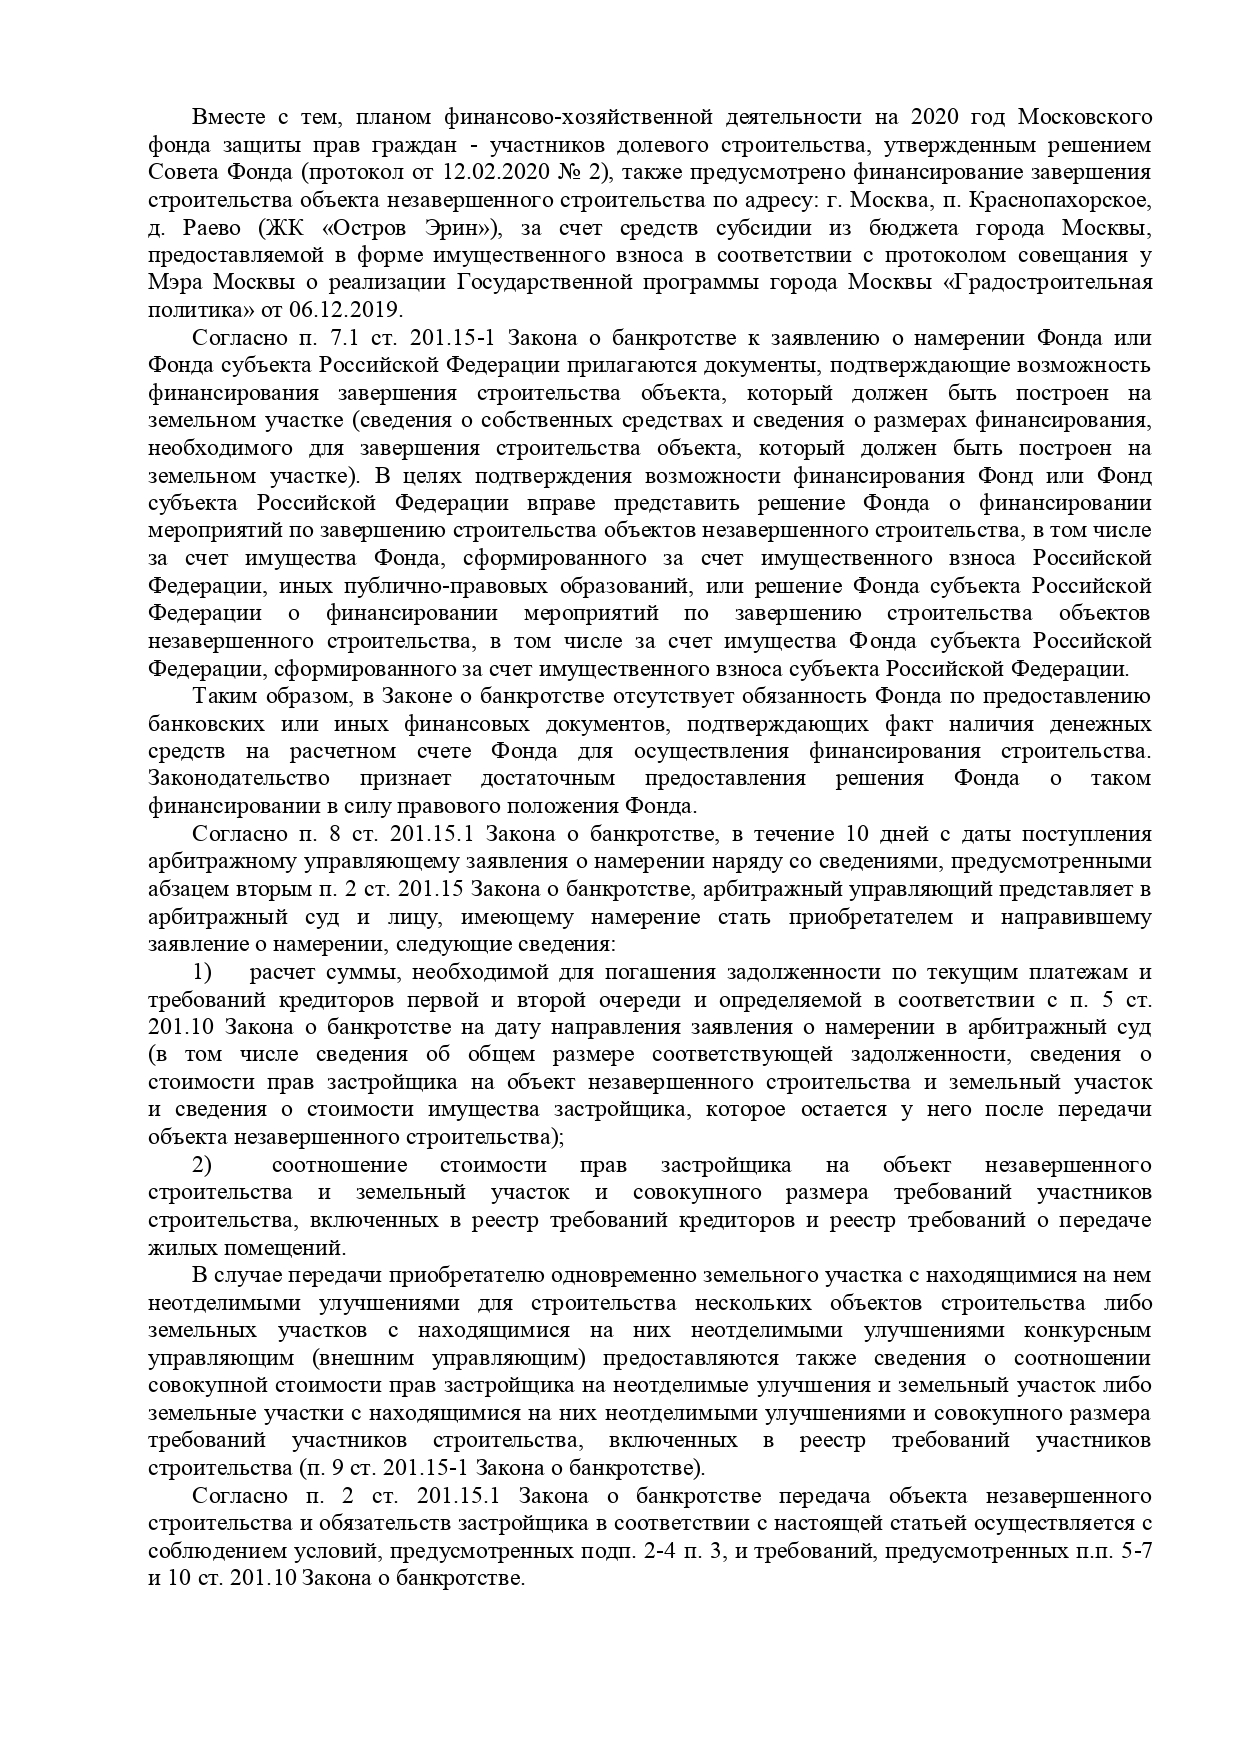 Определение Арбитражного суда города Москвы от 20.12.2020 г.